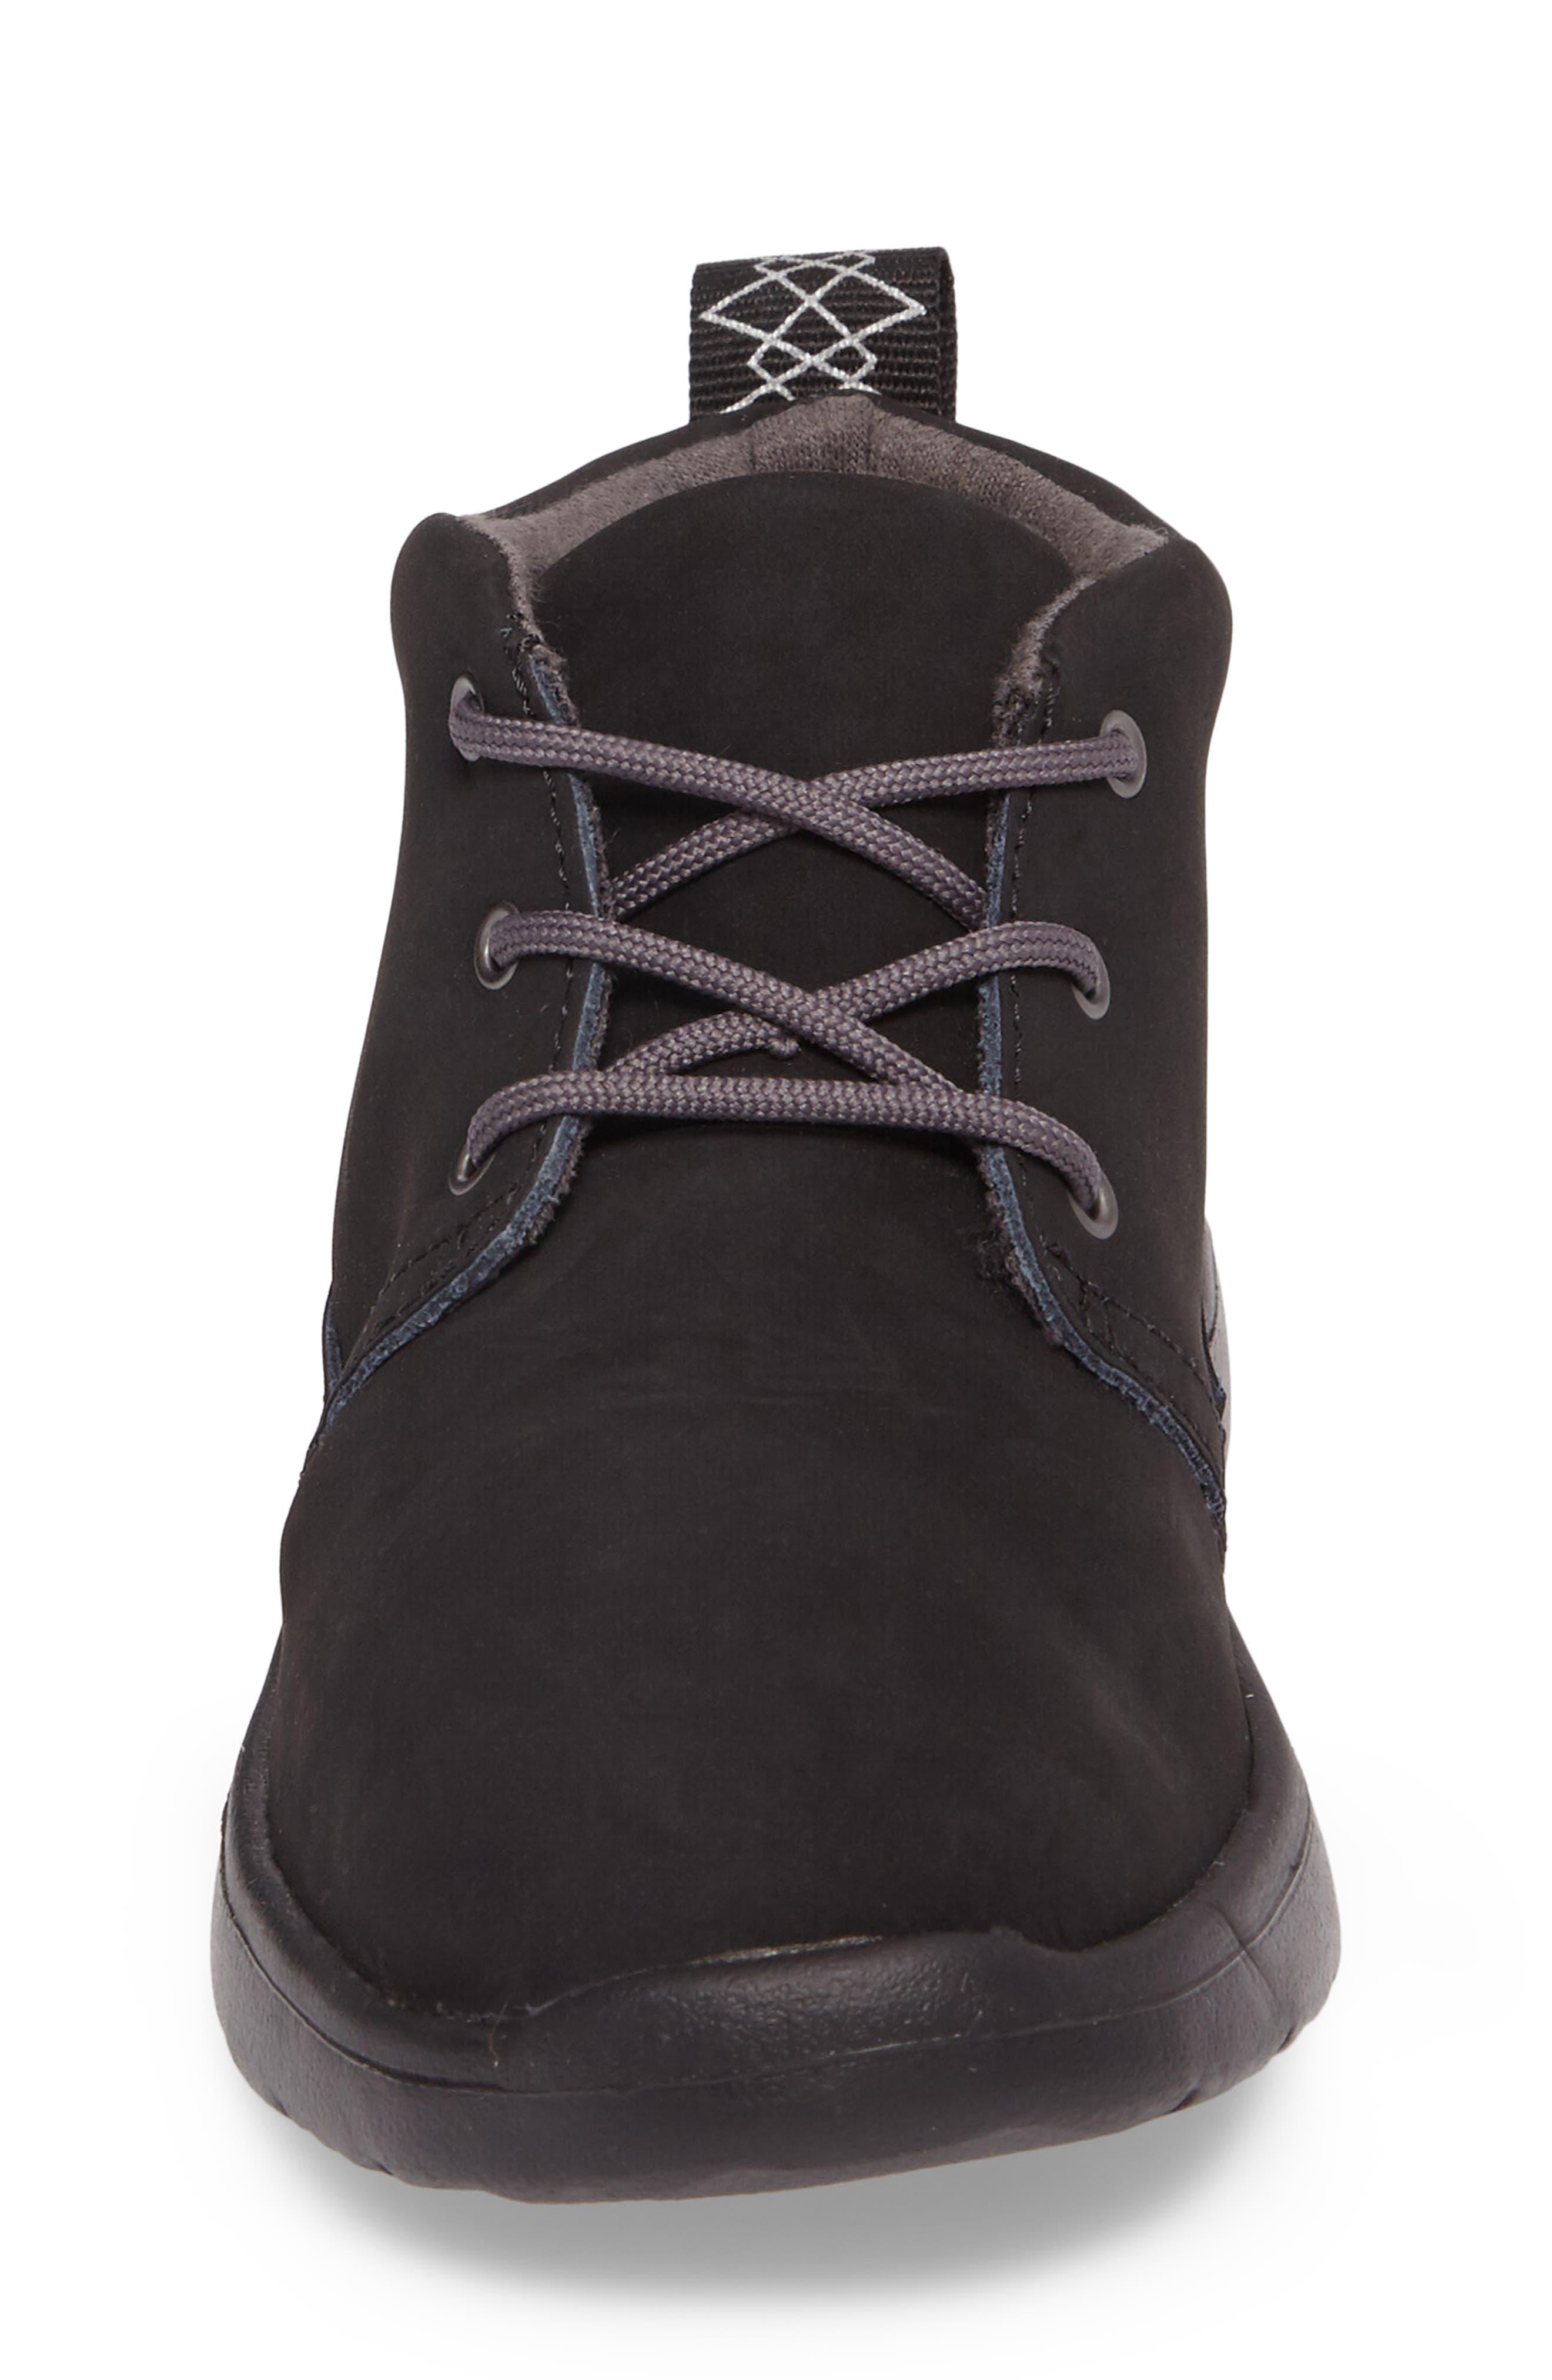 Canoe Water Resistant Chukka Sneaker,                             Alternate thumbnail 4, color,                             Black